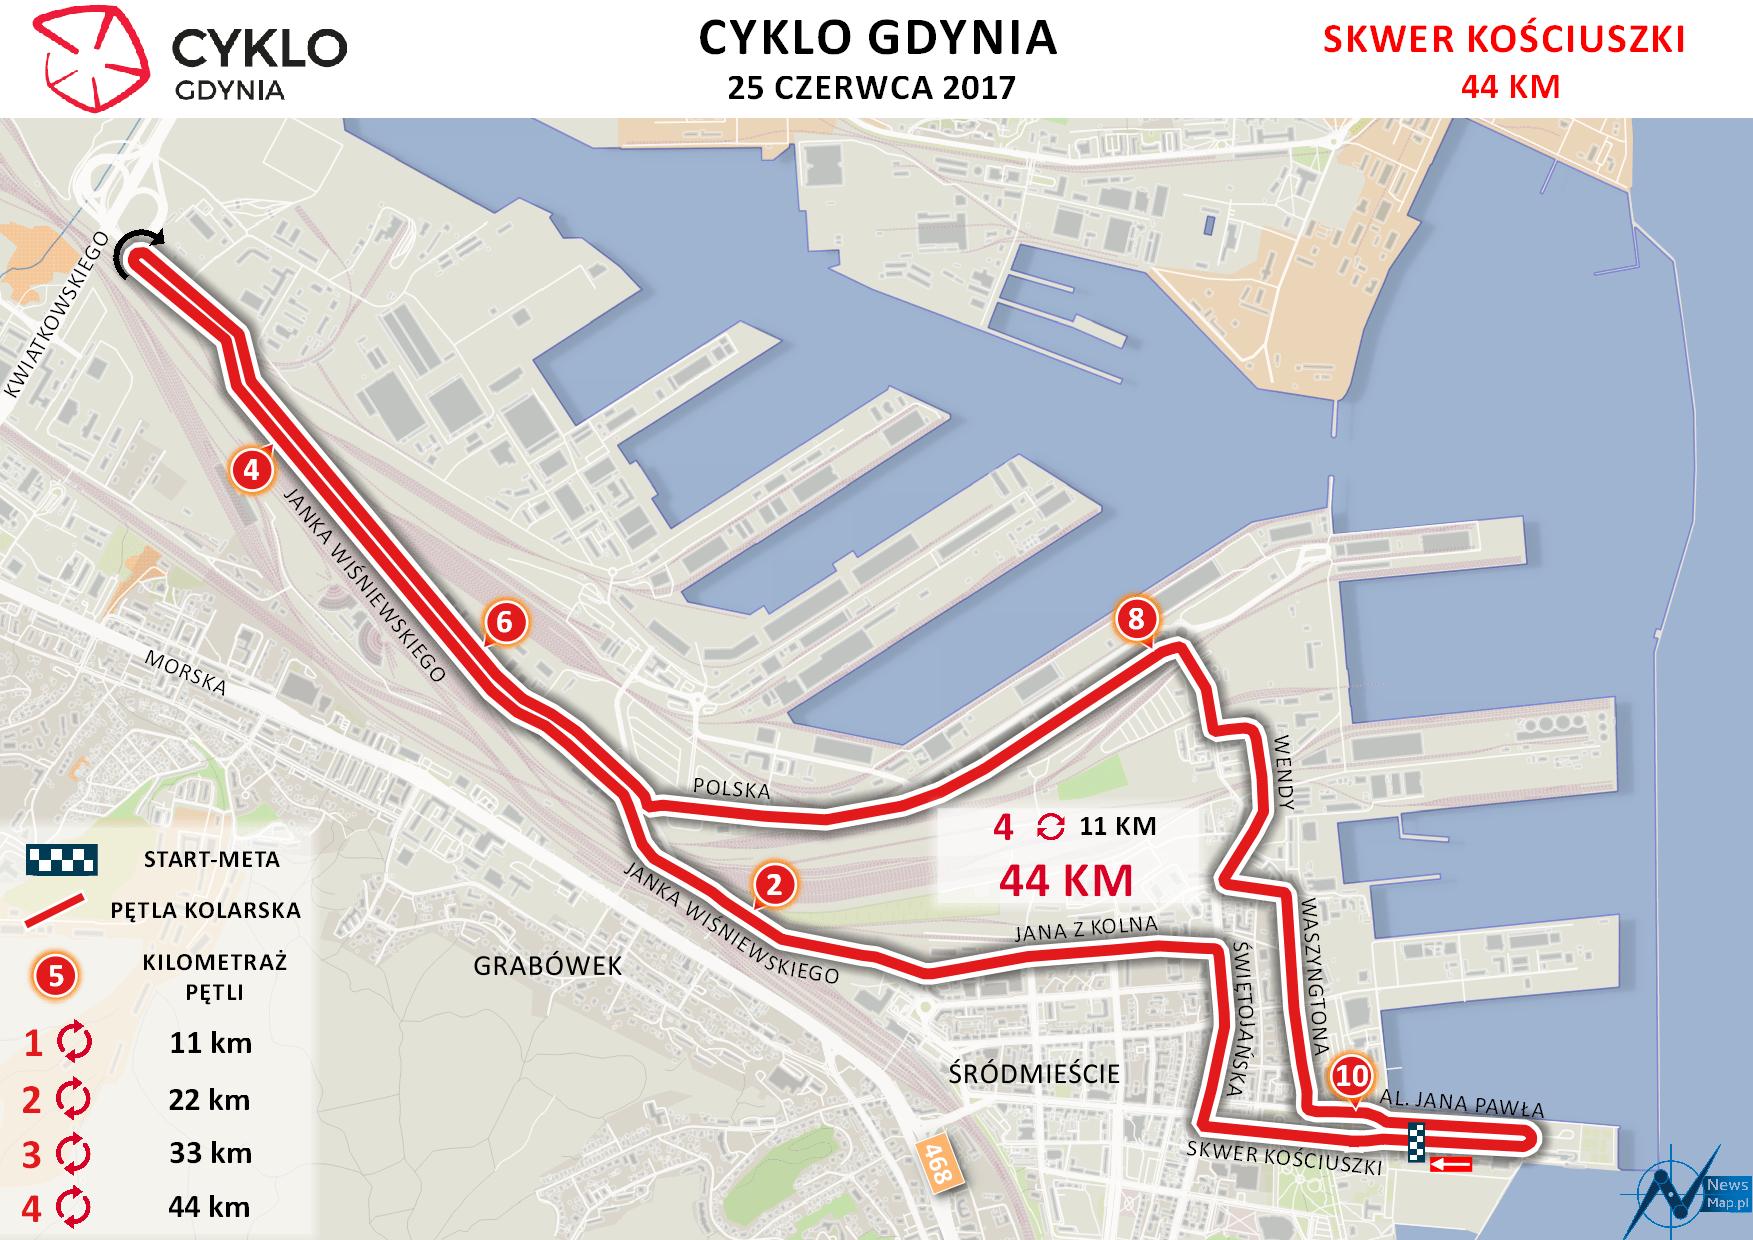 Cyklo Gdynia - mapa statyczna on-line